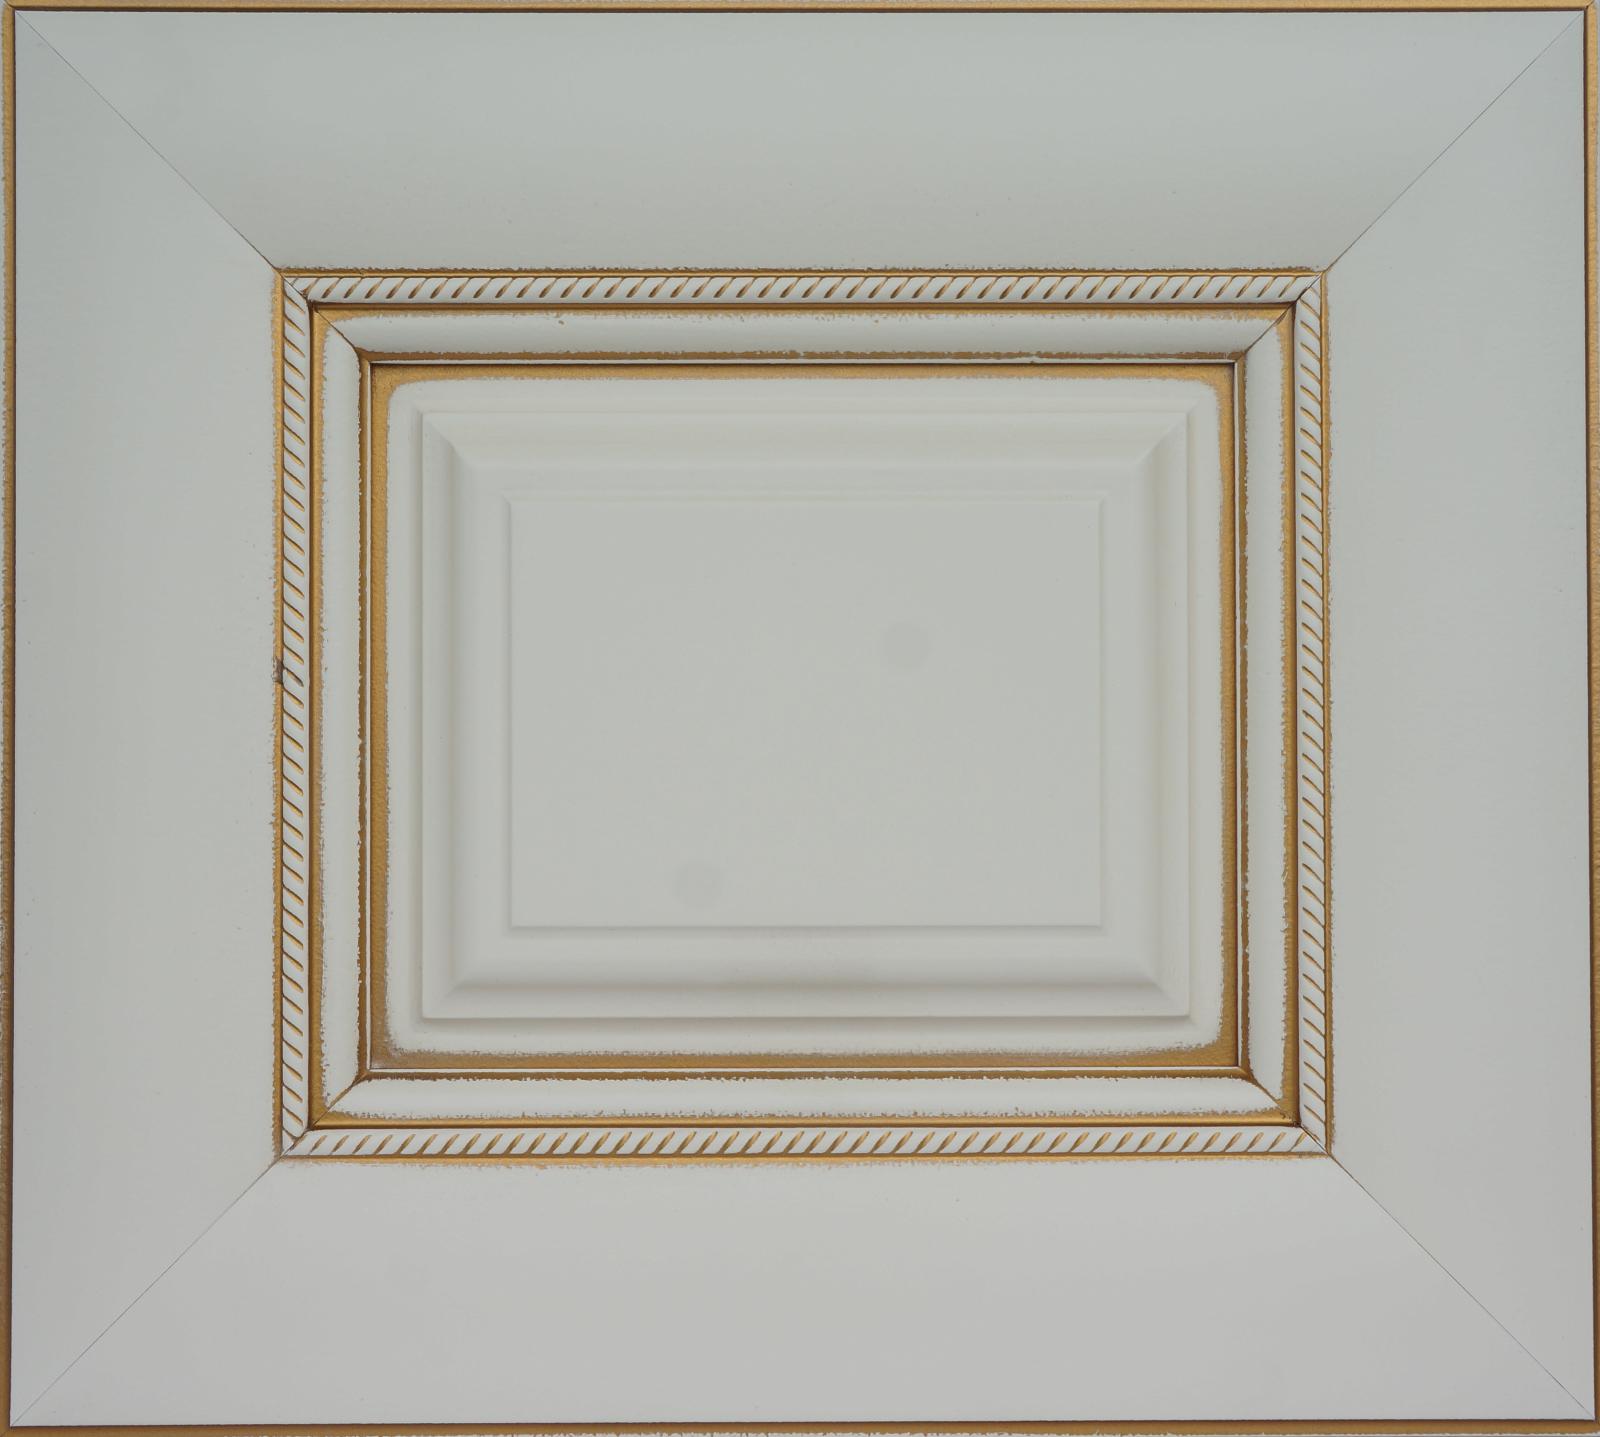 Фасад МагнолияИзготавливается из массива бука или ясеня.Окрашивается в любой цвет попалитре Ral и Woodcolor